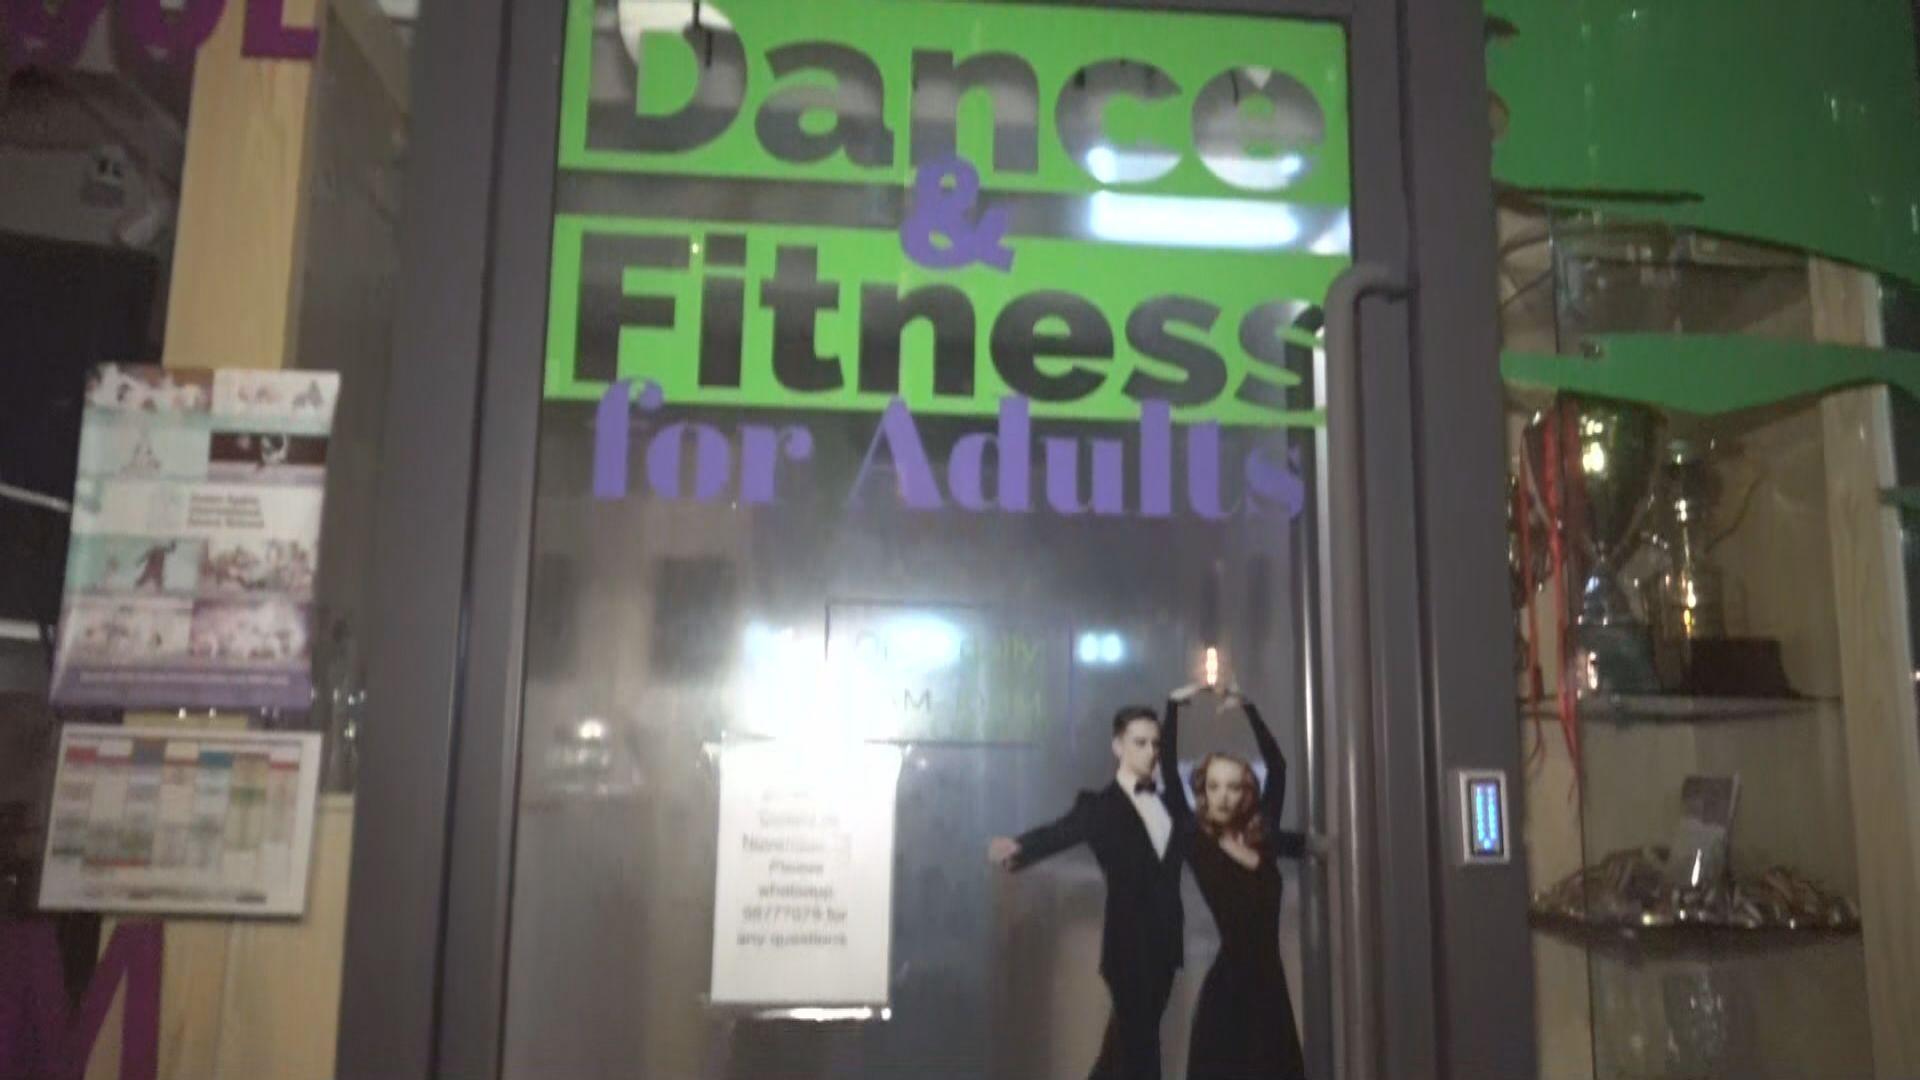 涉及跳舞群組21間場所均無公眾舞廳或舞蹈學校牌照